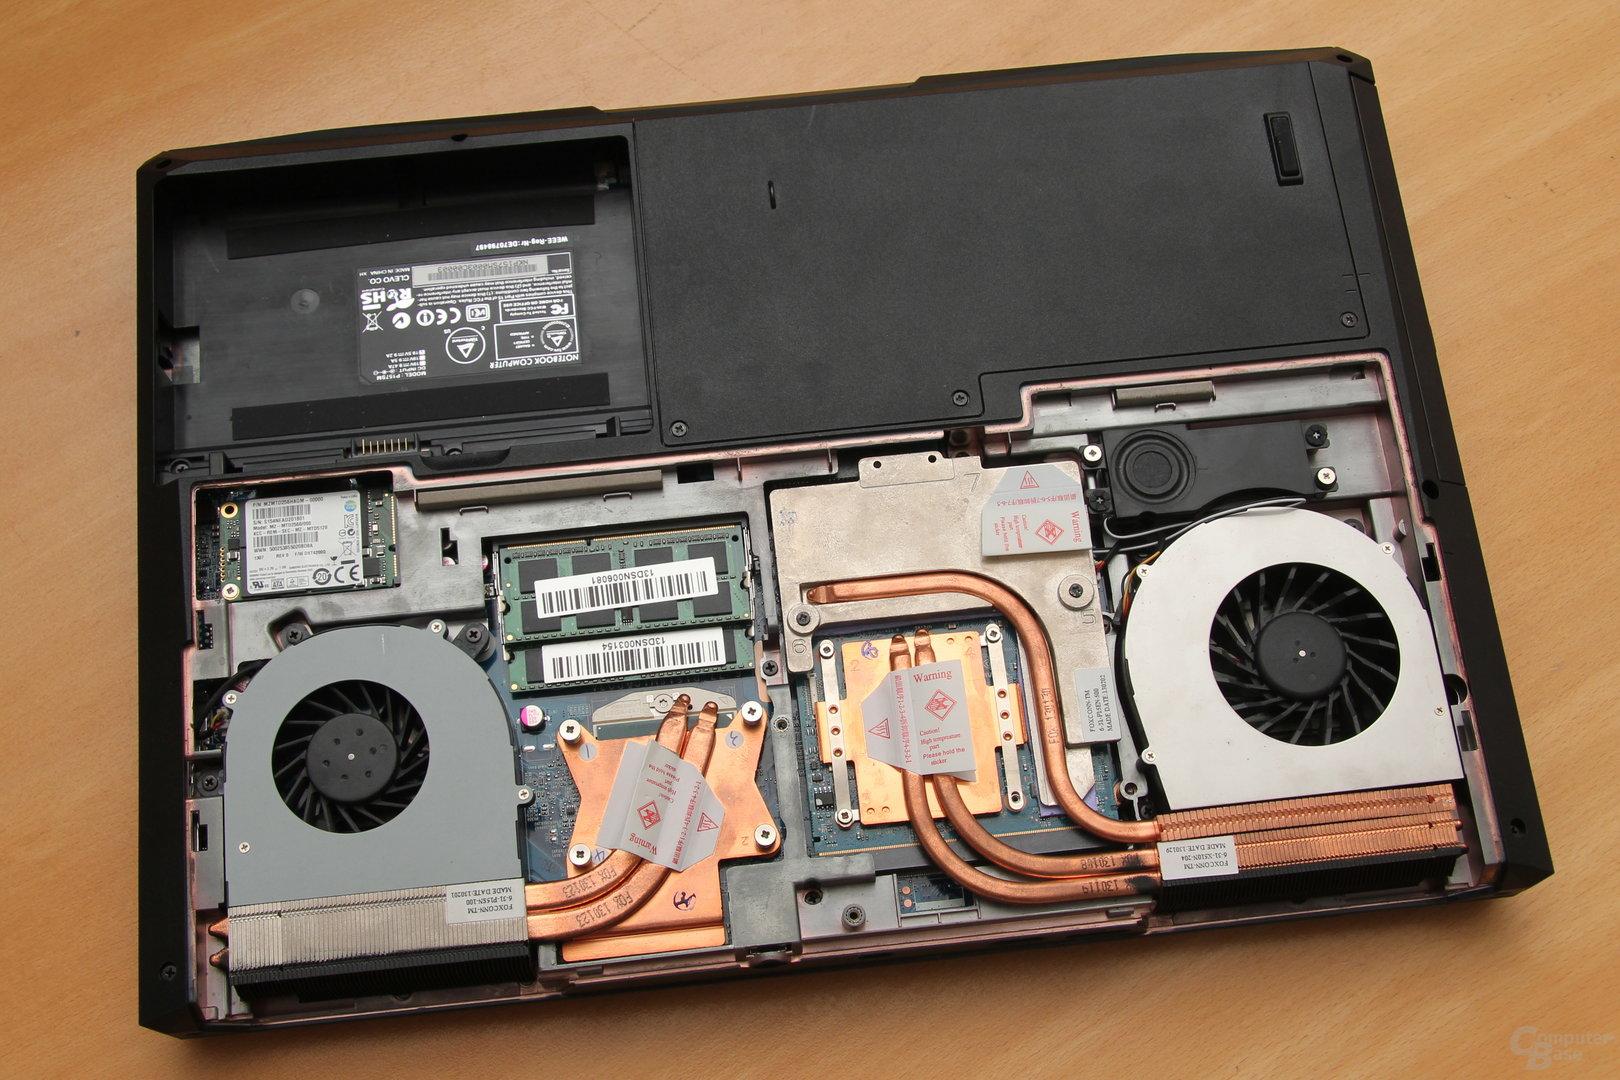 Schenker XMG P503 Pro - Hardware